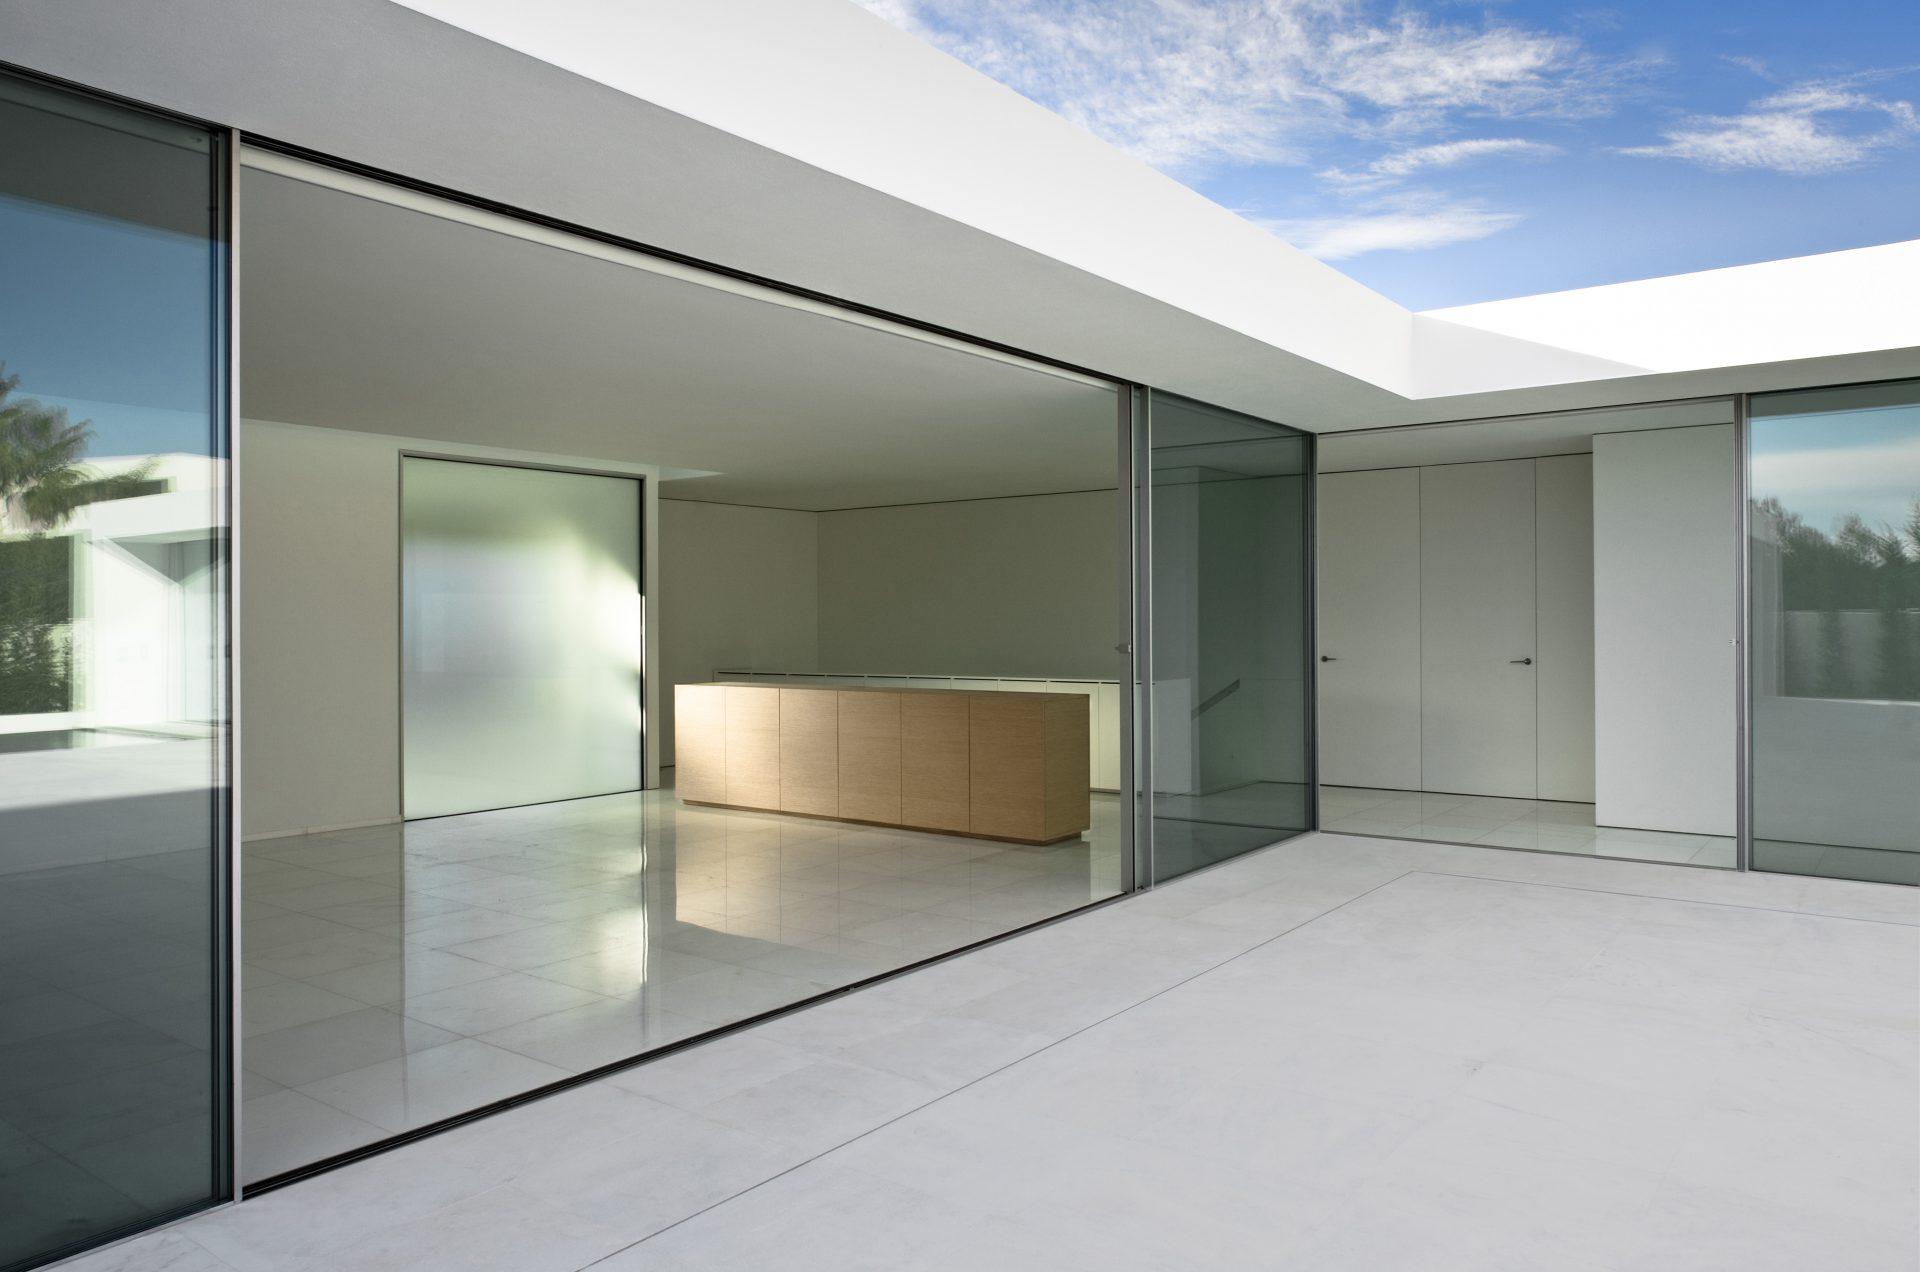 Vitrocsa-Schiebefenster | Minimalfenster - Das Original